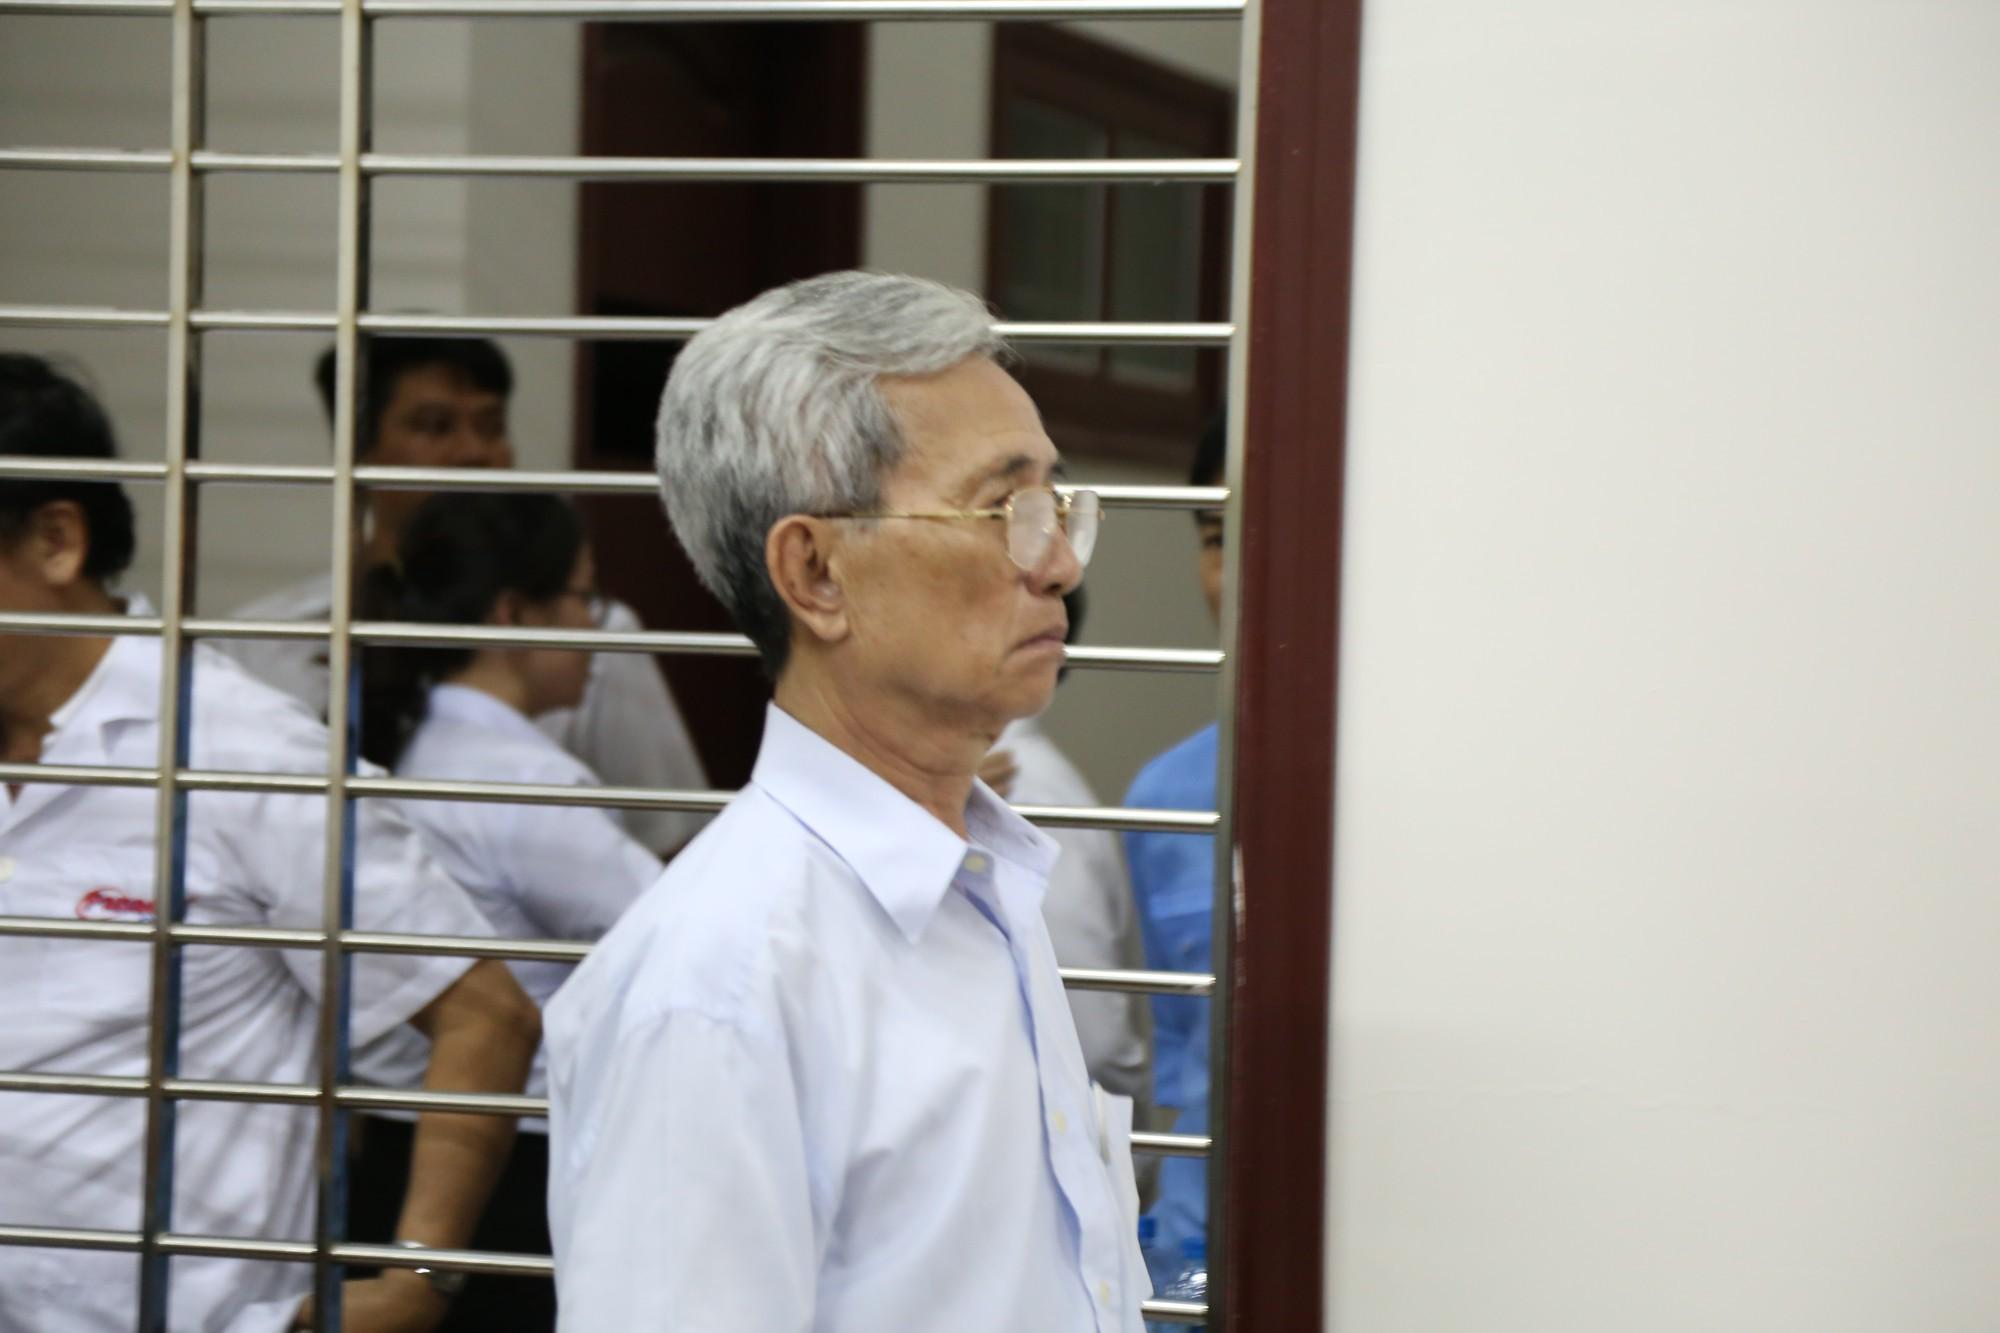 Không đồng tình với bản án 3 năm tù, bị cáo 77 tuổi dâm ô trẻ em ở Vũng Tàu đòi tự thiêu - Ảnh 1.